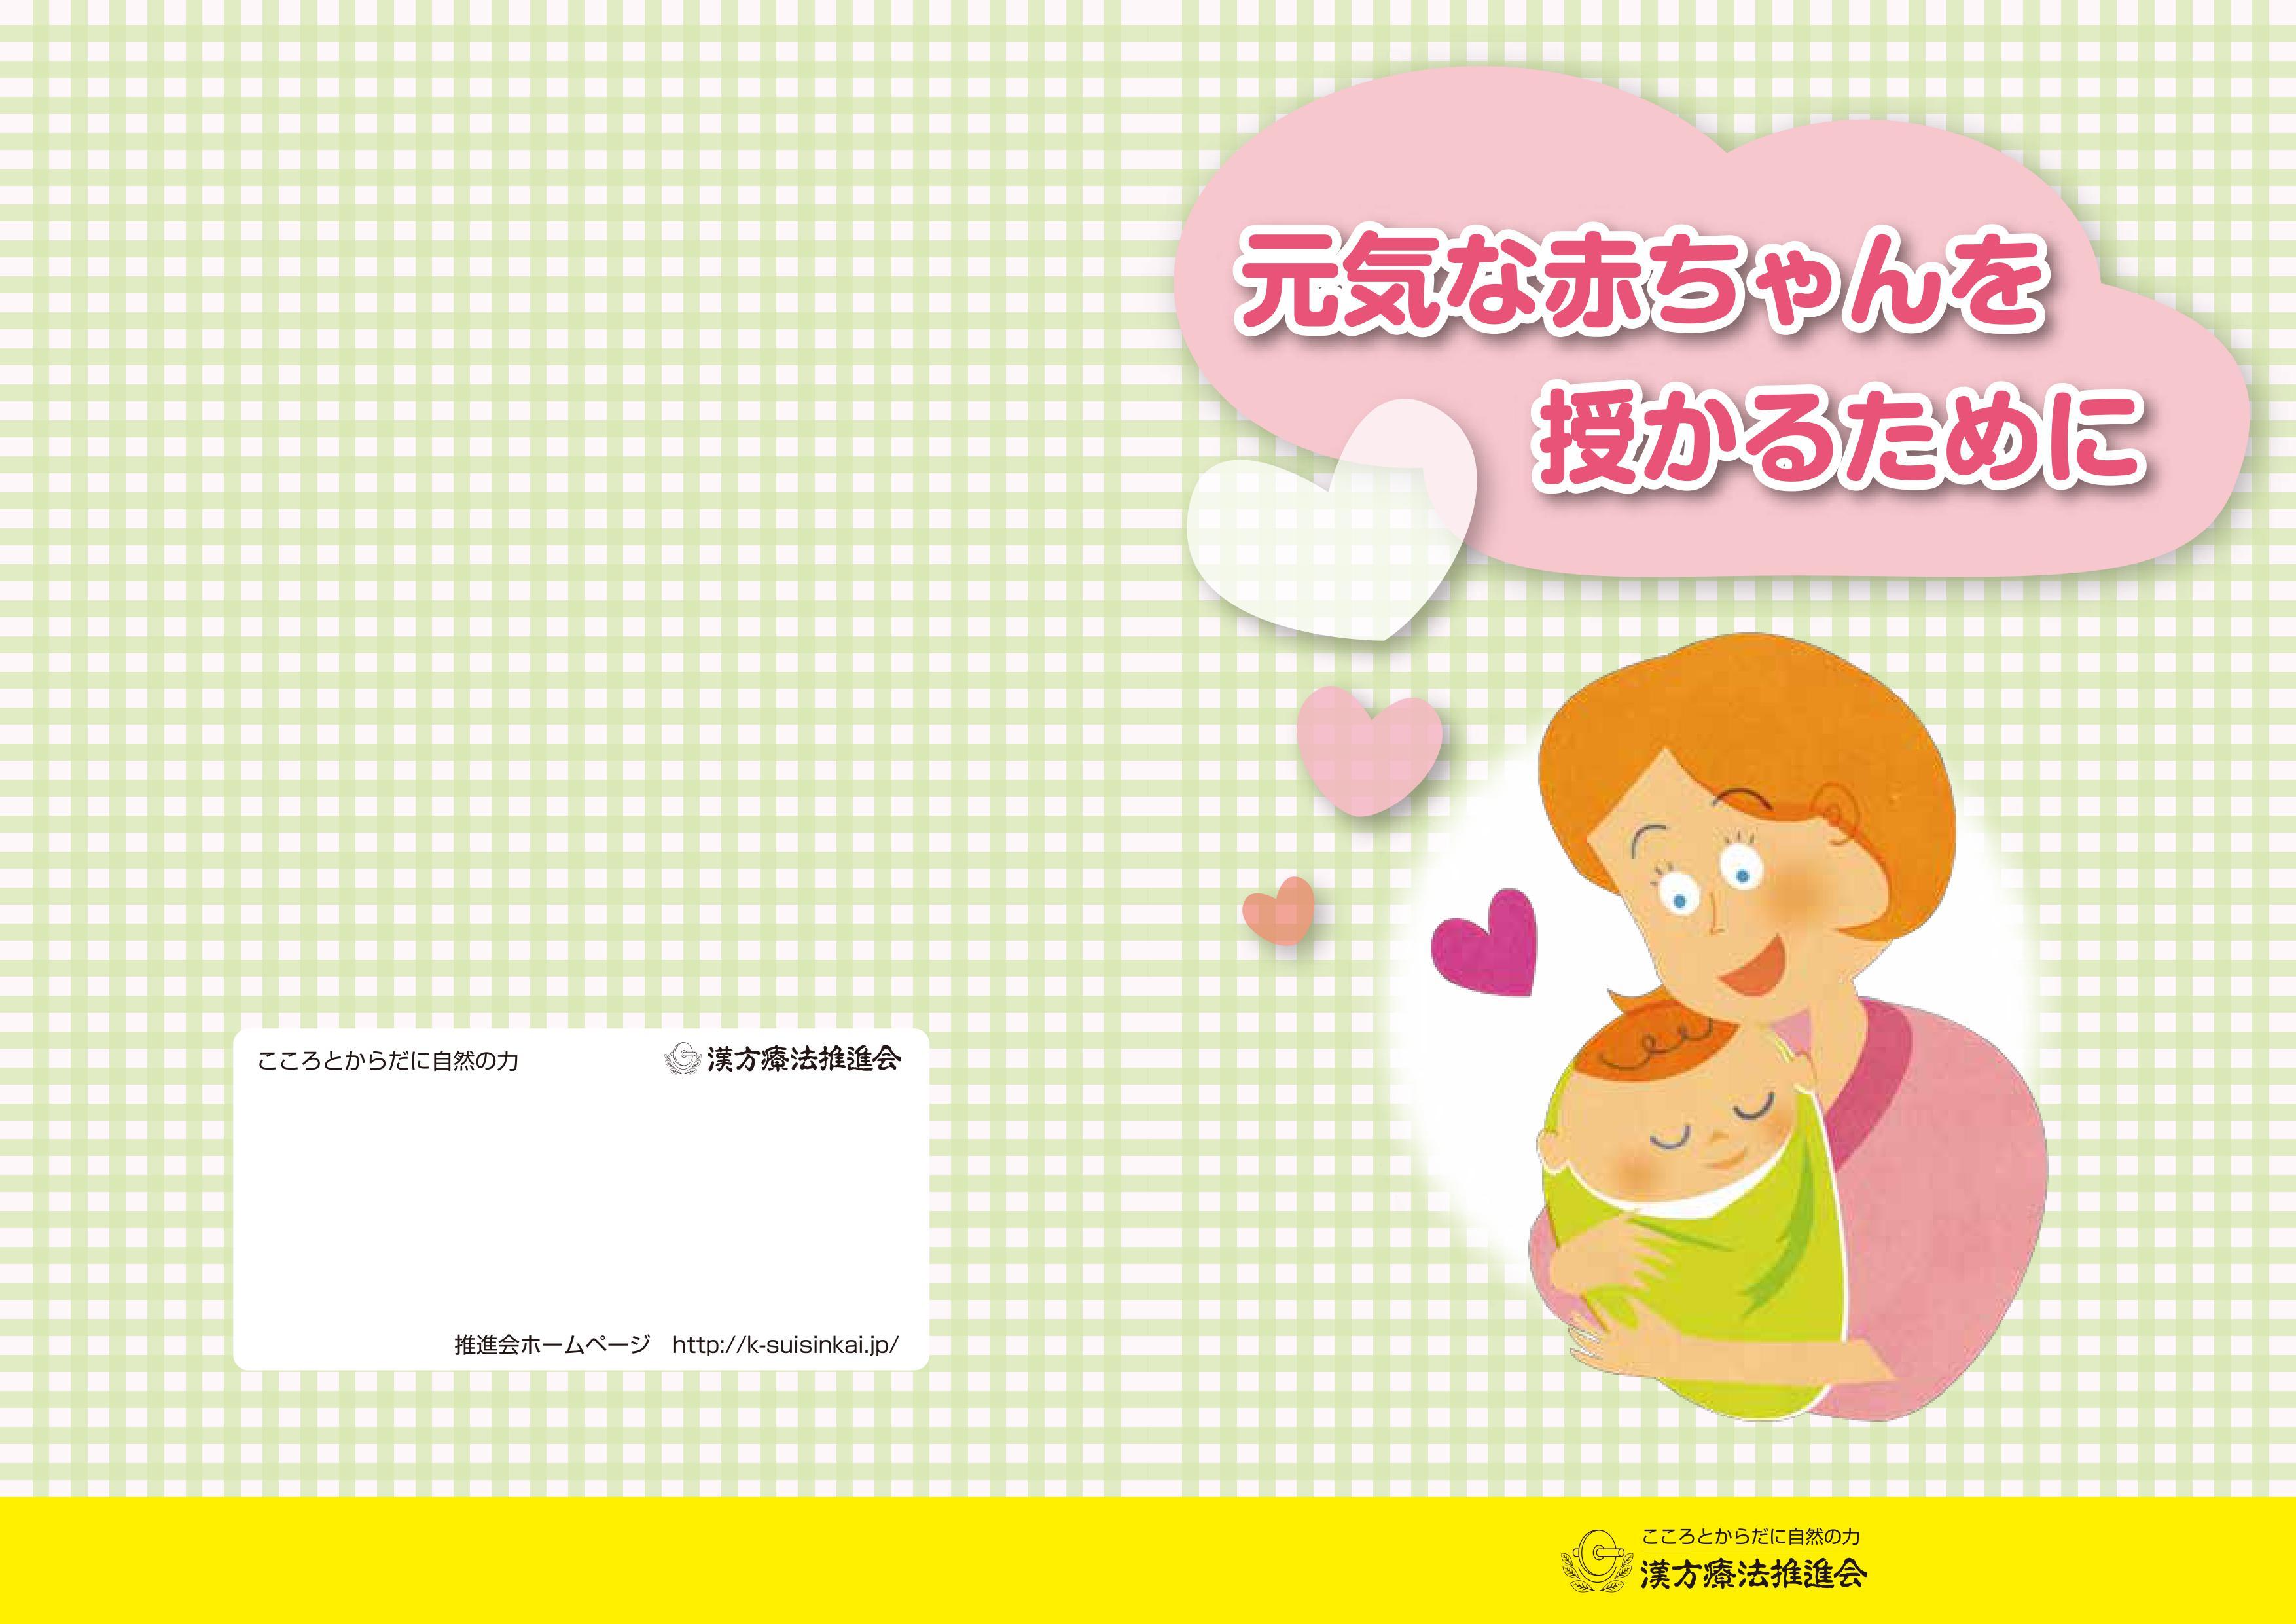 『元気な赤ちゃんを授かるために』